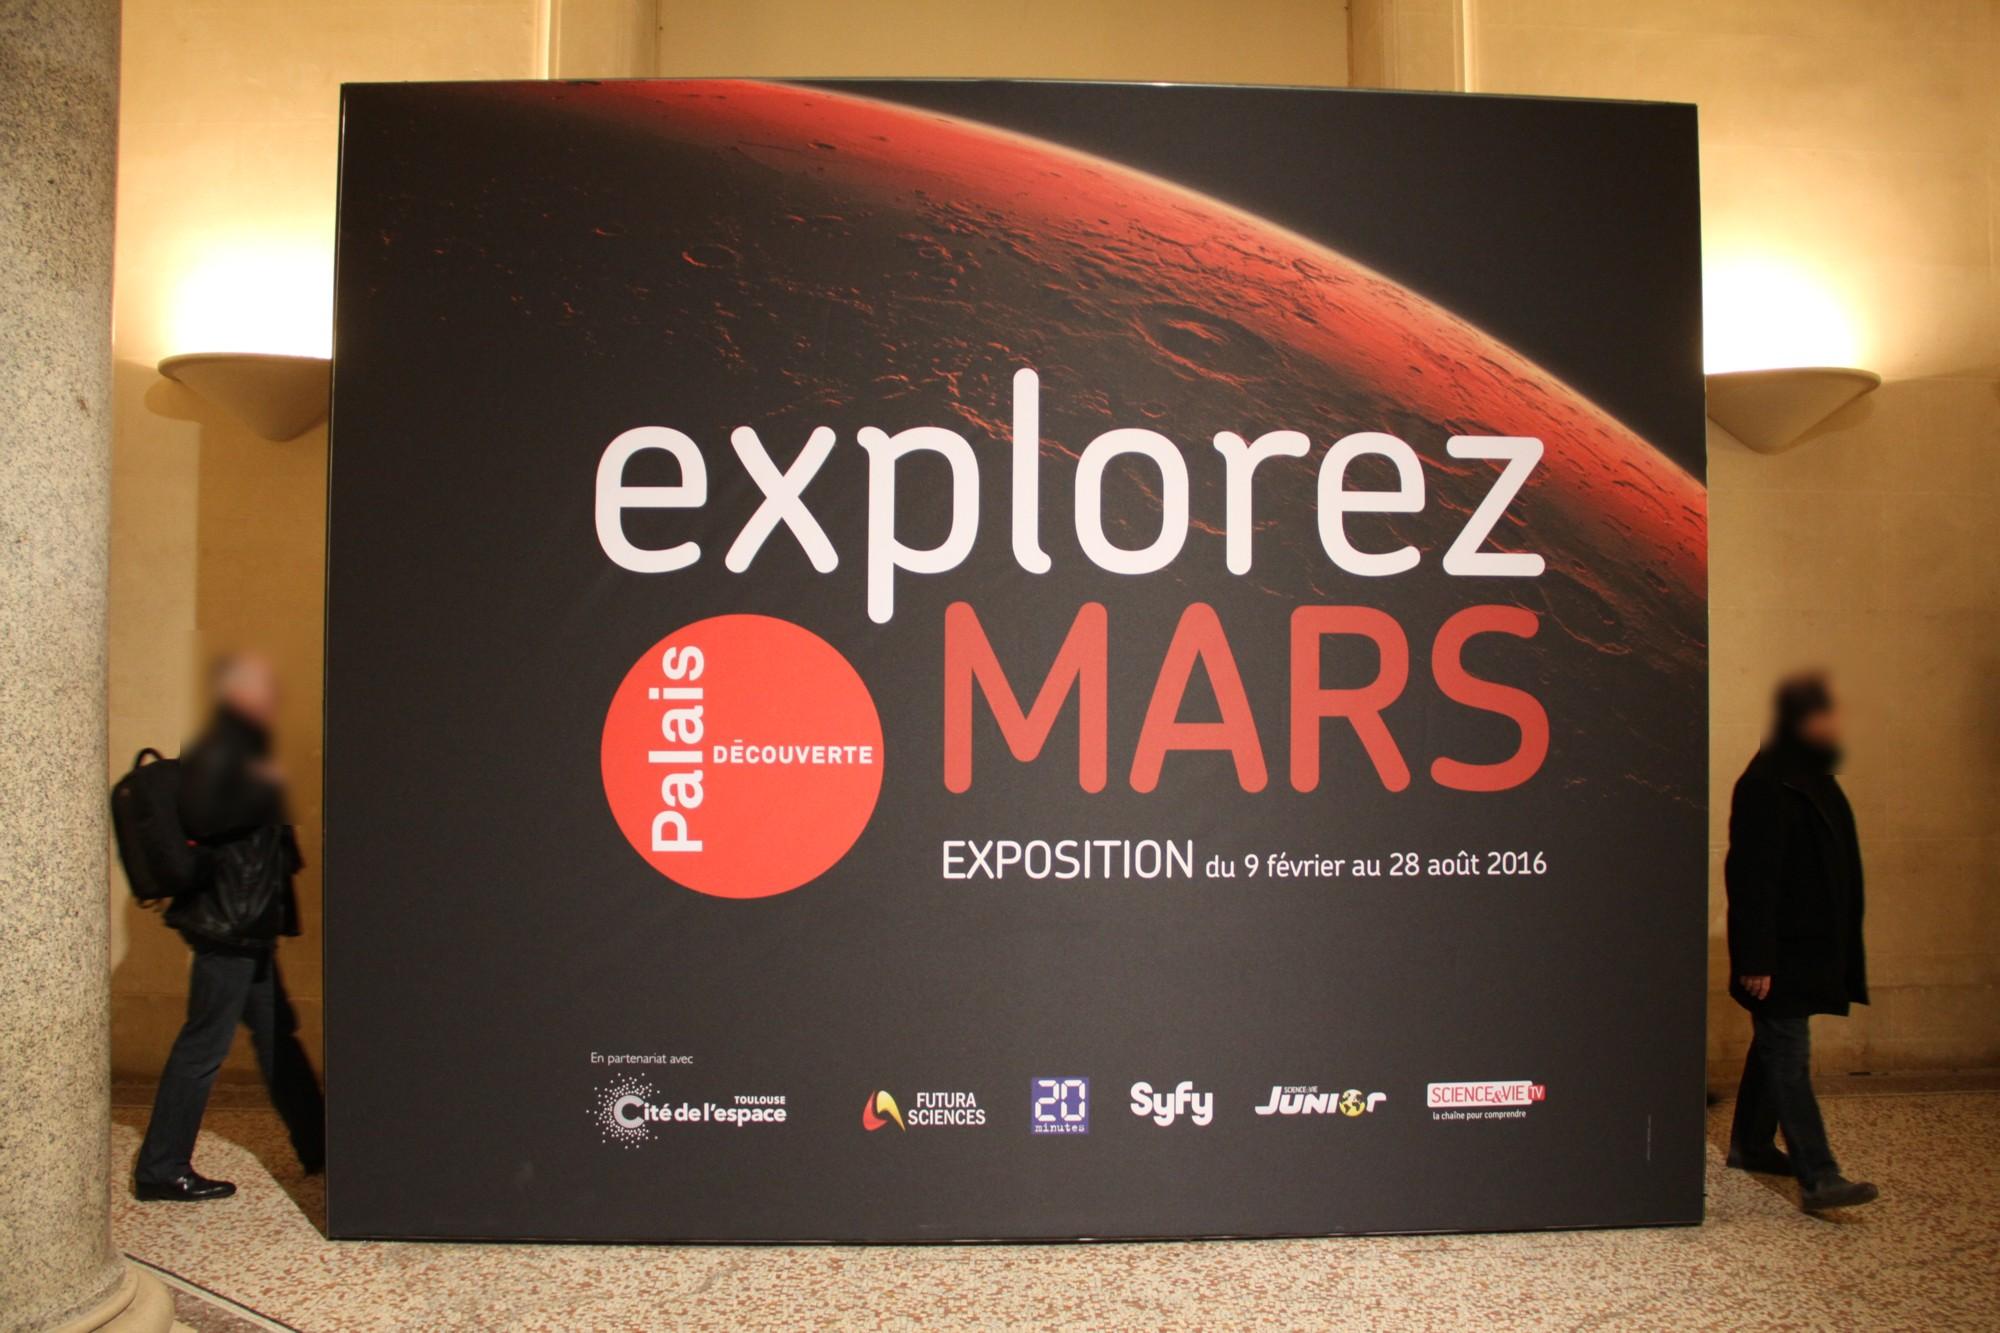 16 02 18 - 15h 34m 51s - explorez mars palais de la découverte r